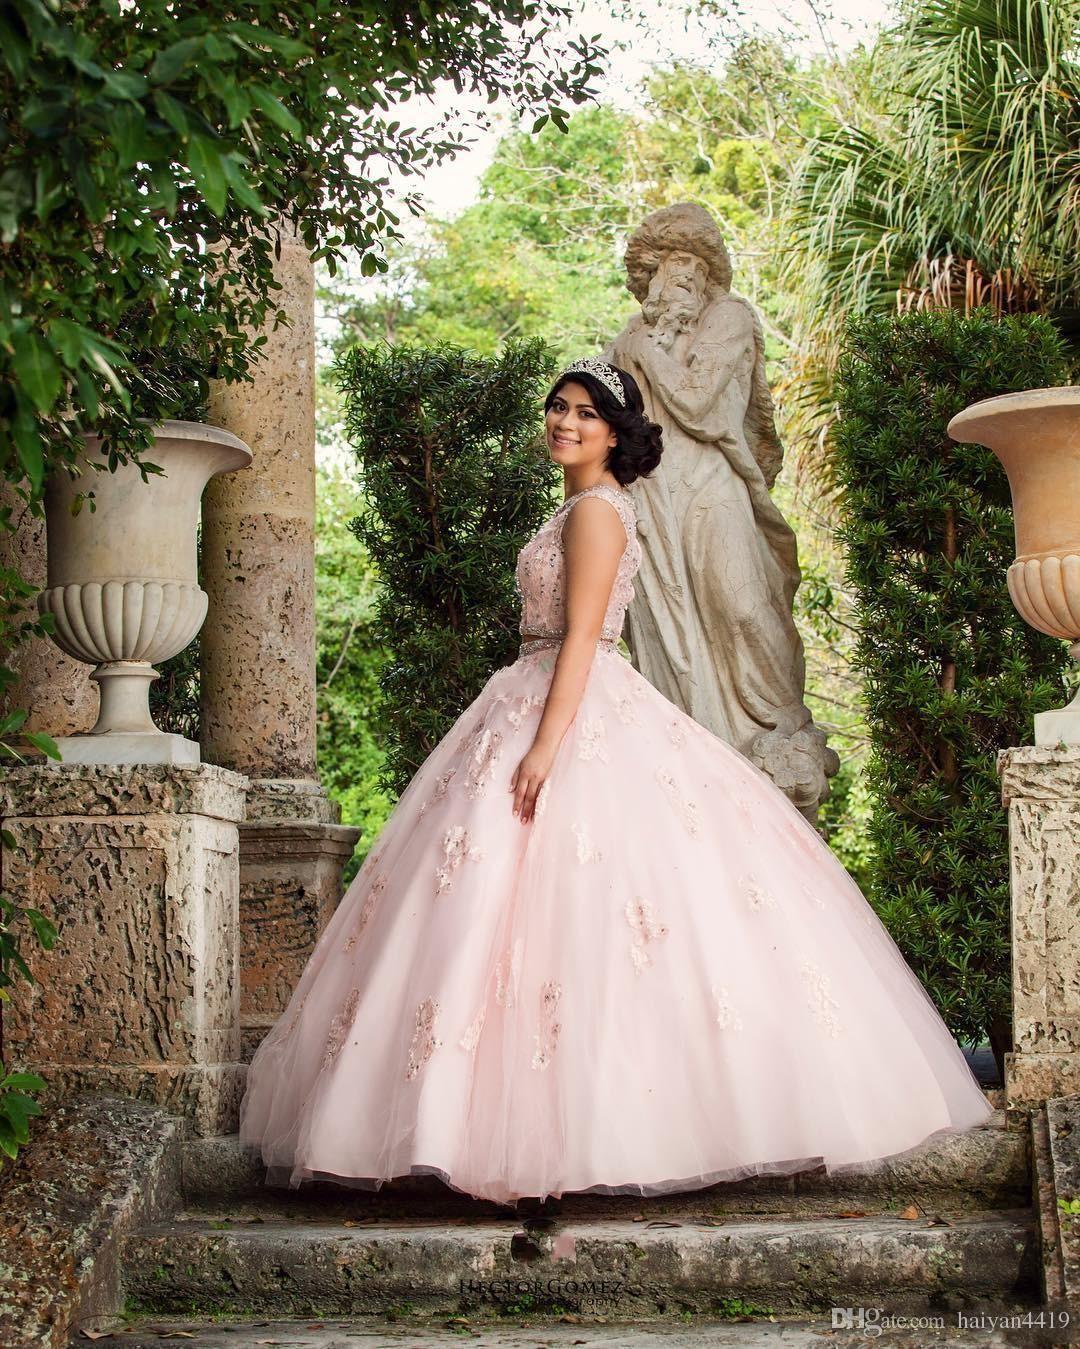 2017 neue Rosa Zwei Stücke Quinceanera Ballkleid Kleider Jewel Neck Spitze Appliques Perlen Tüll Süße 16 Plus Größe Party Prom Abendkleider